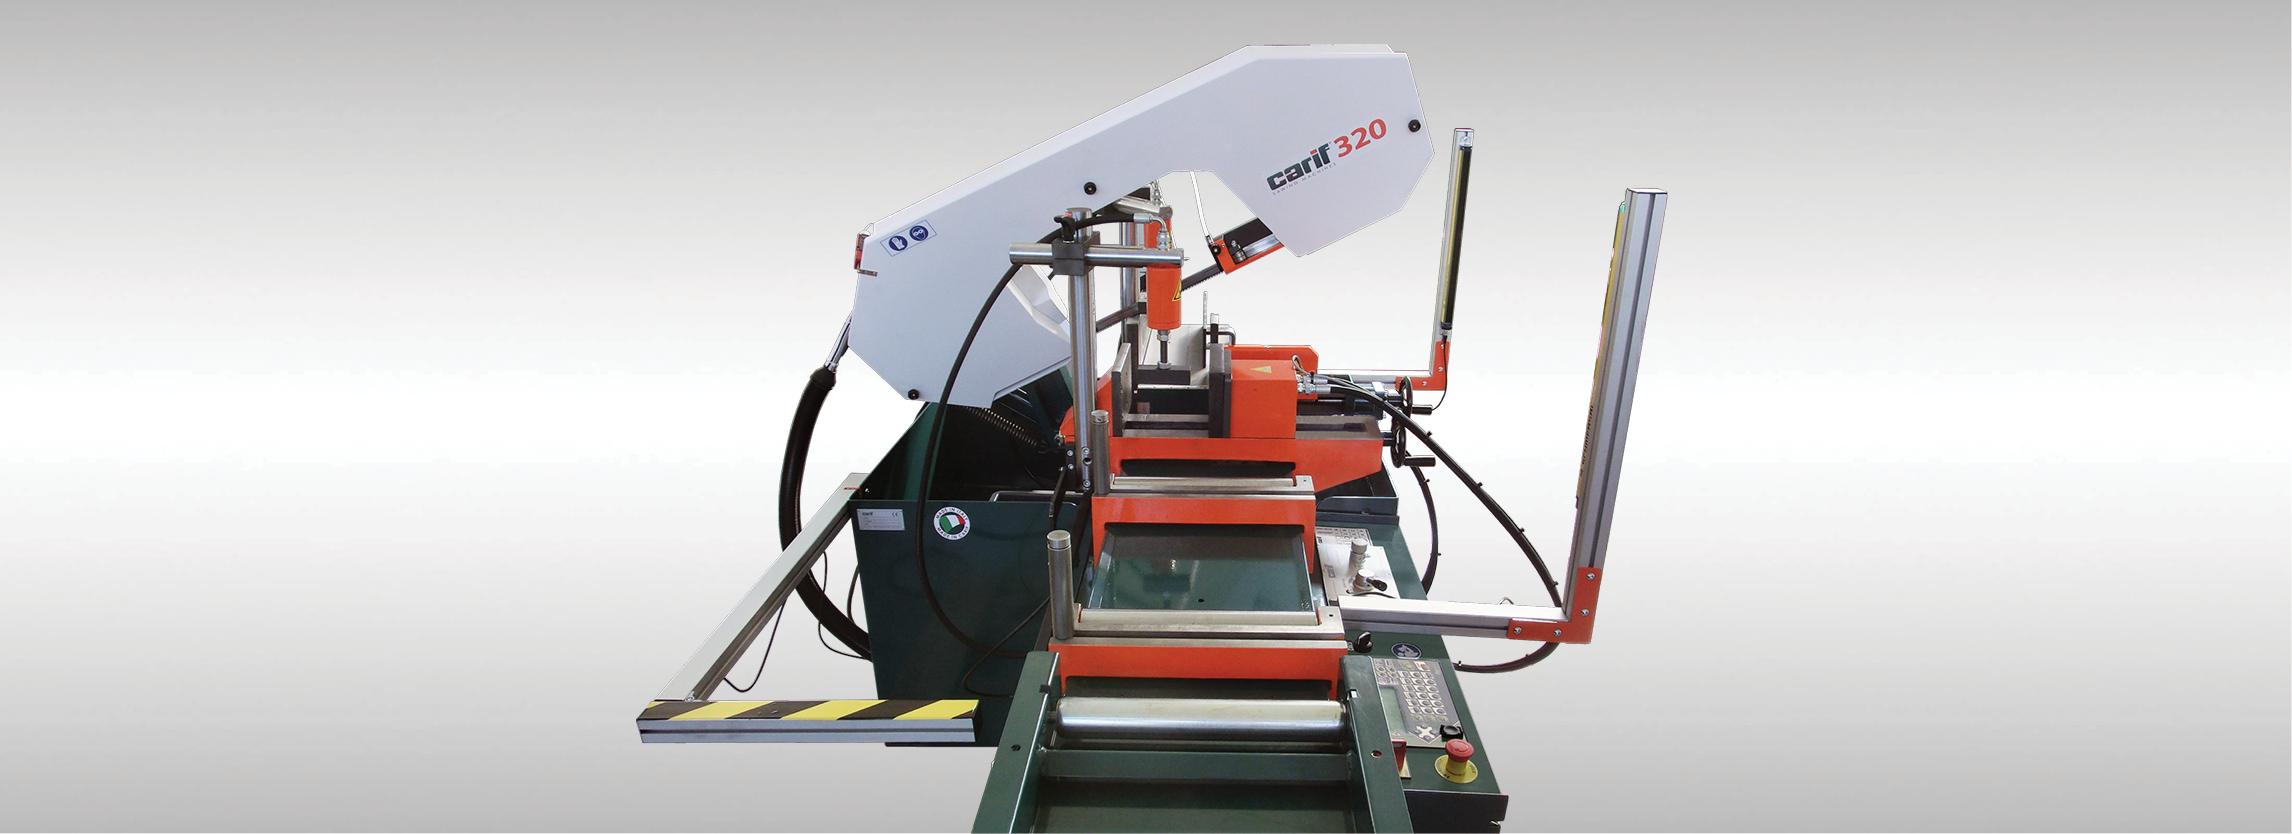 Carif 320 BA CNC slide 10